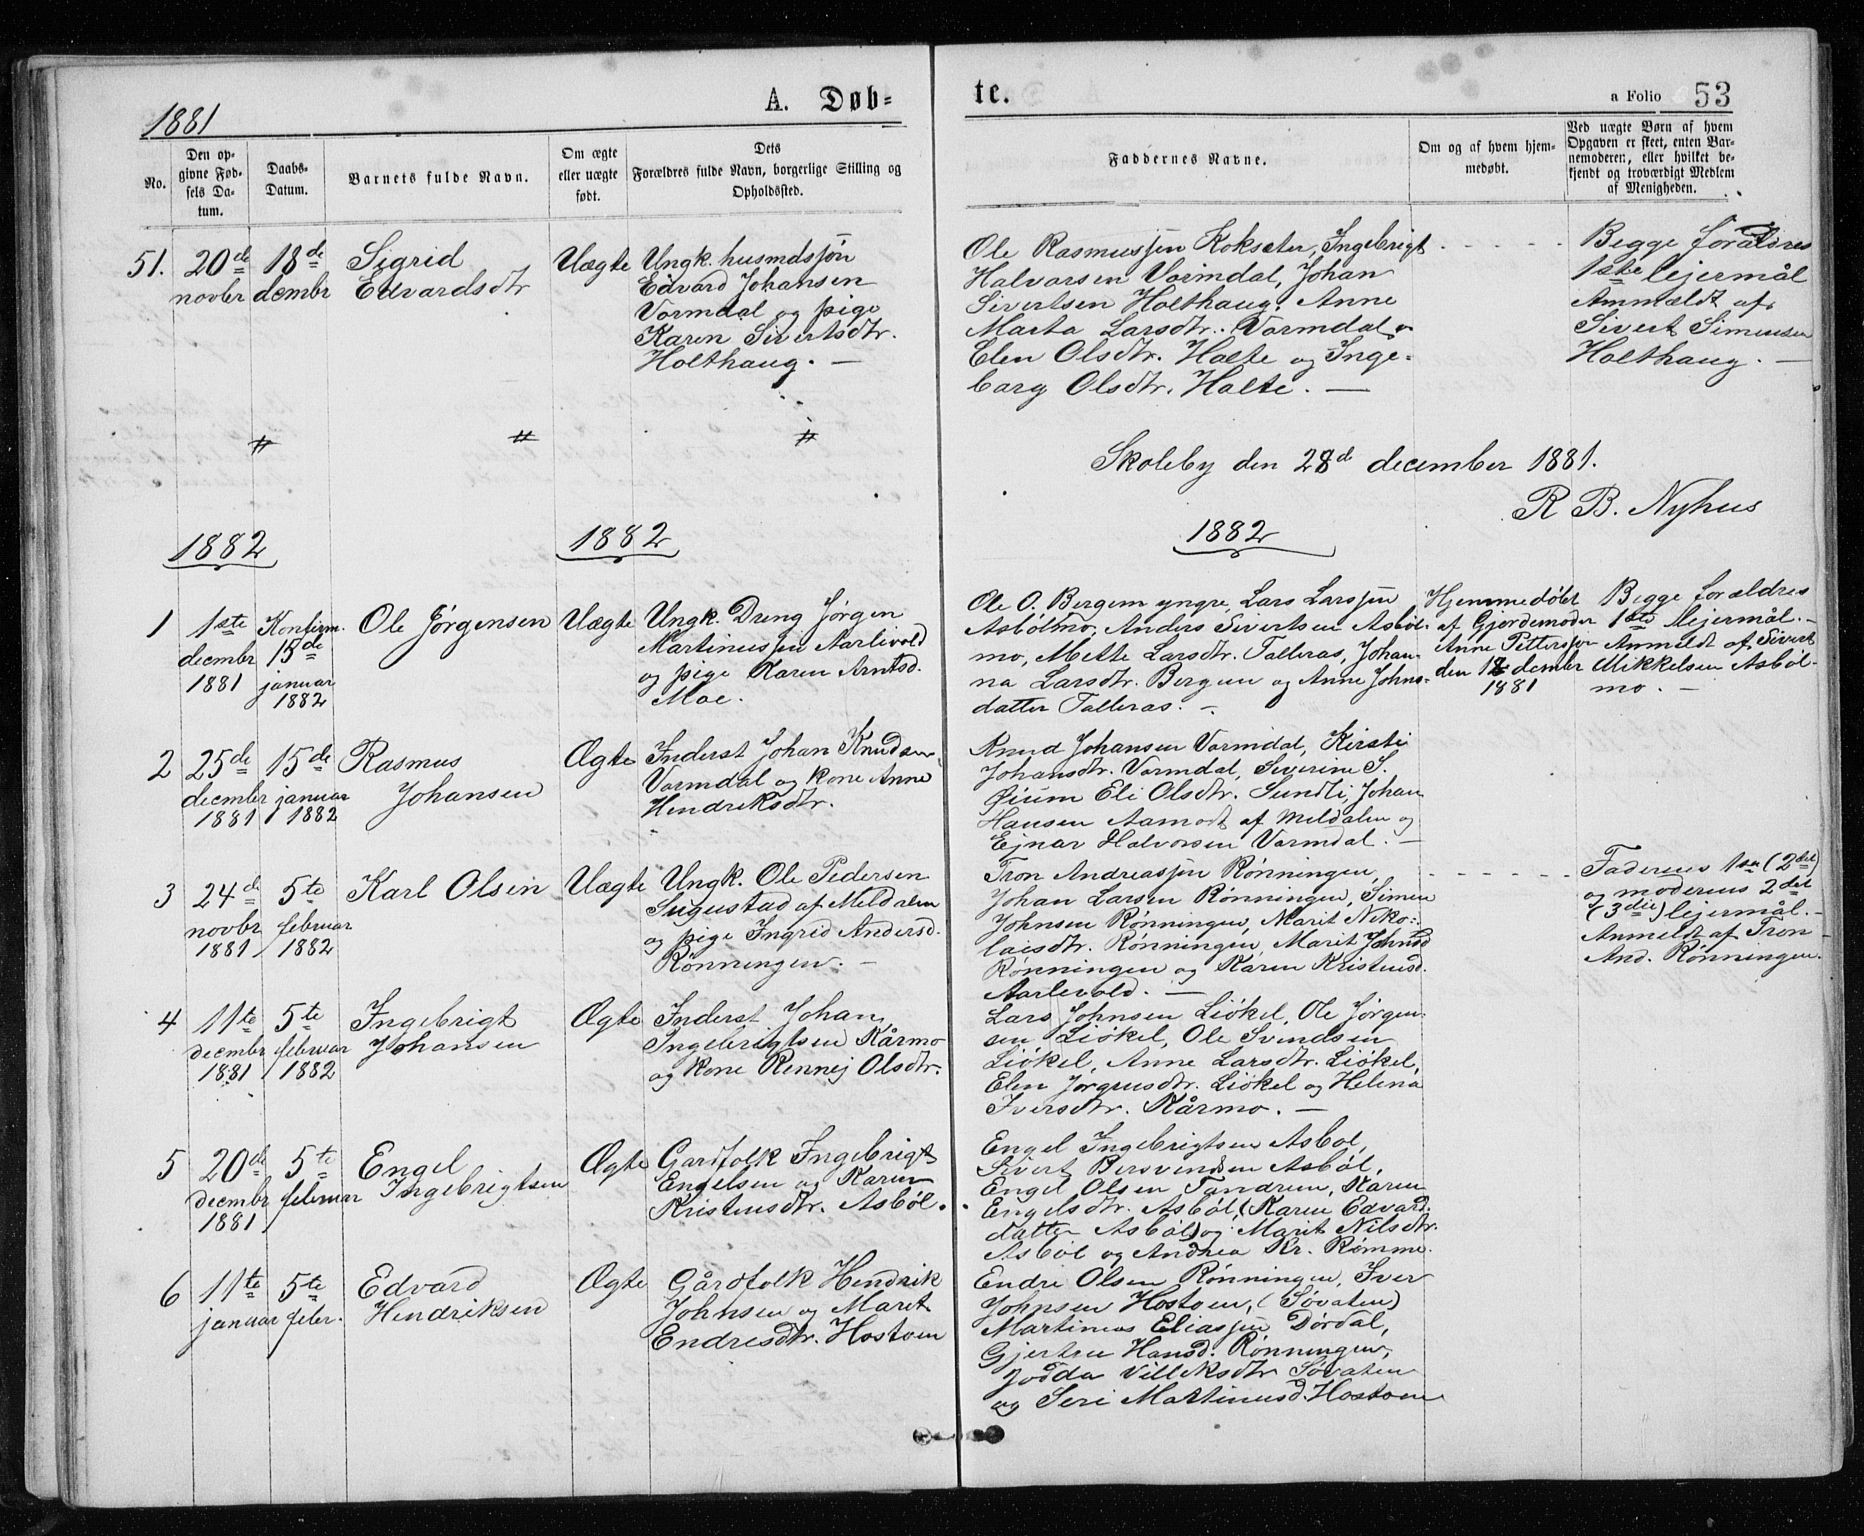 SAT, Ministerialprotokoller, klokkerbøker og fødselsregistre - Sør-Trøndelag, 671/L0843: Klokkerbok nr. 671C02, 1873-1892, s. 53